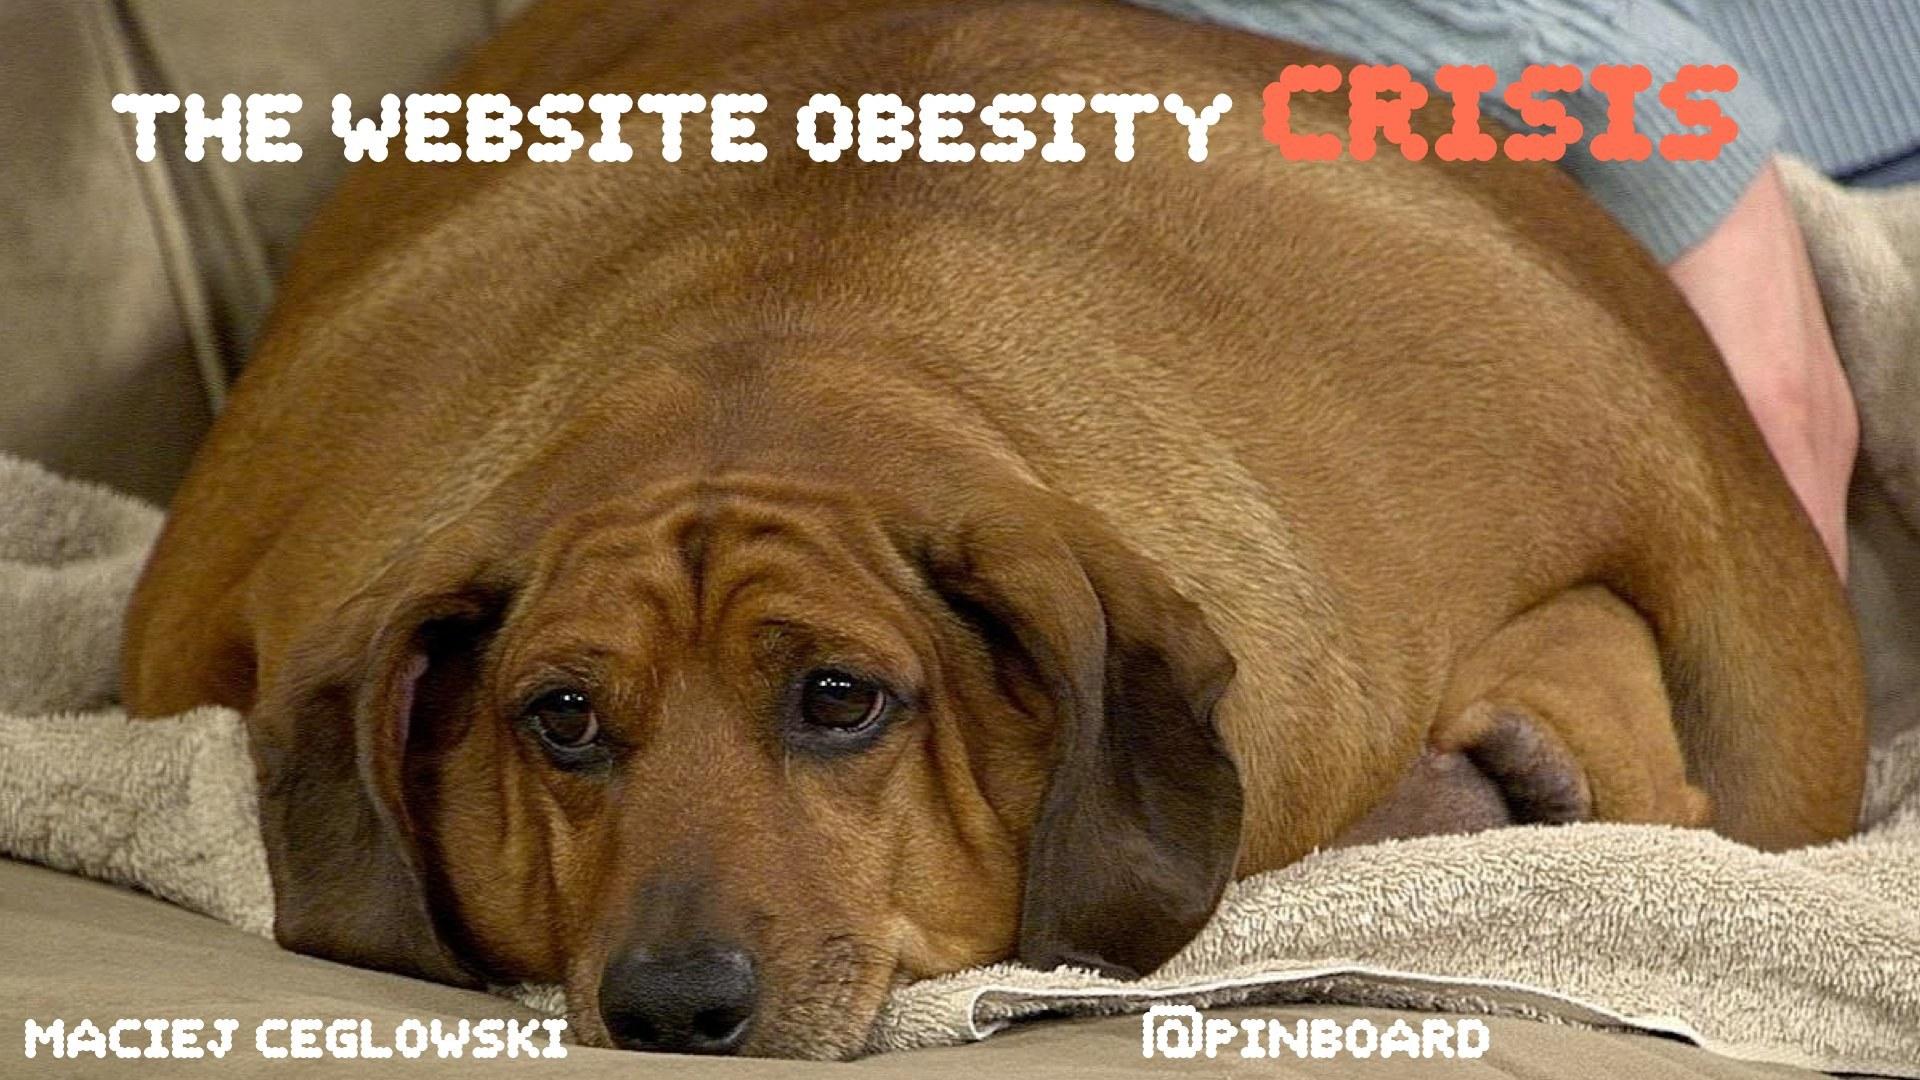 Кризис ожирения сайтов - 1